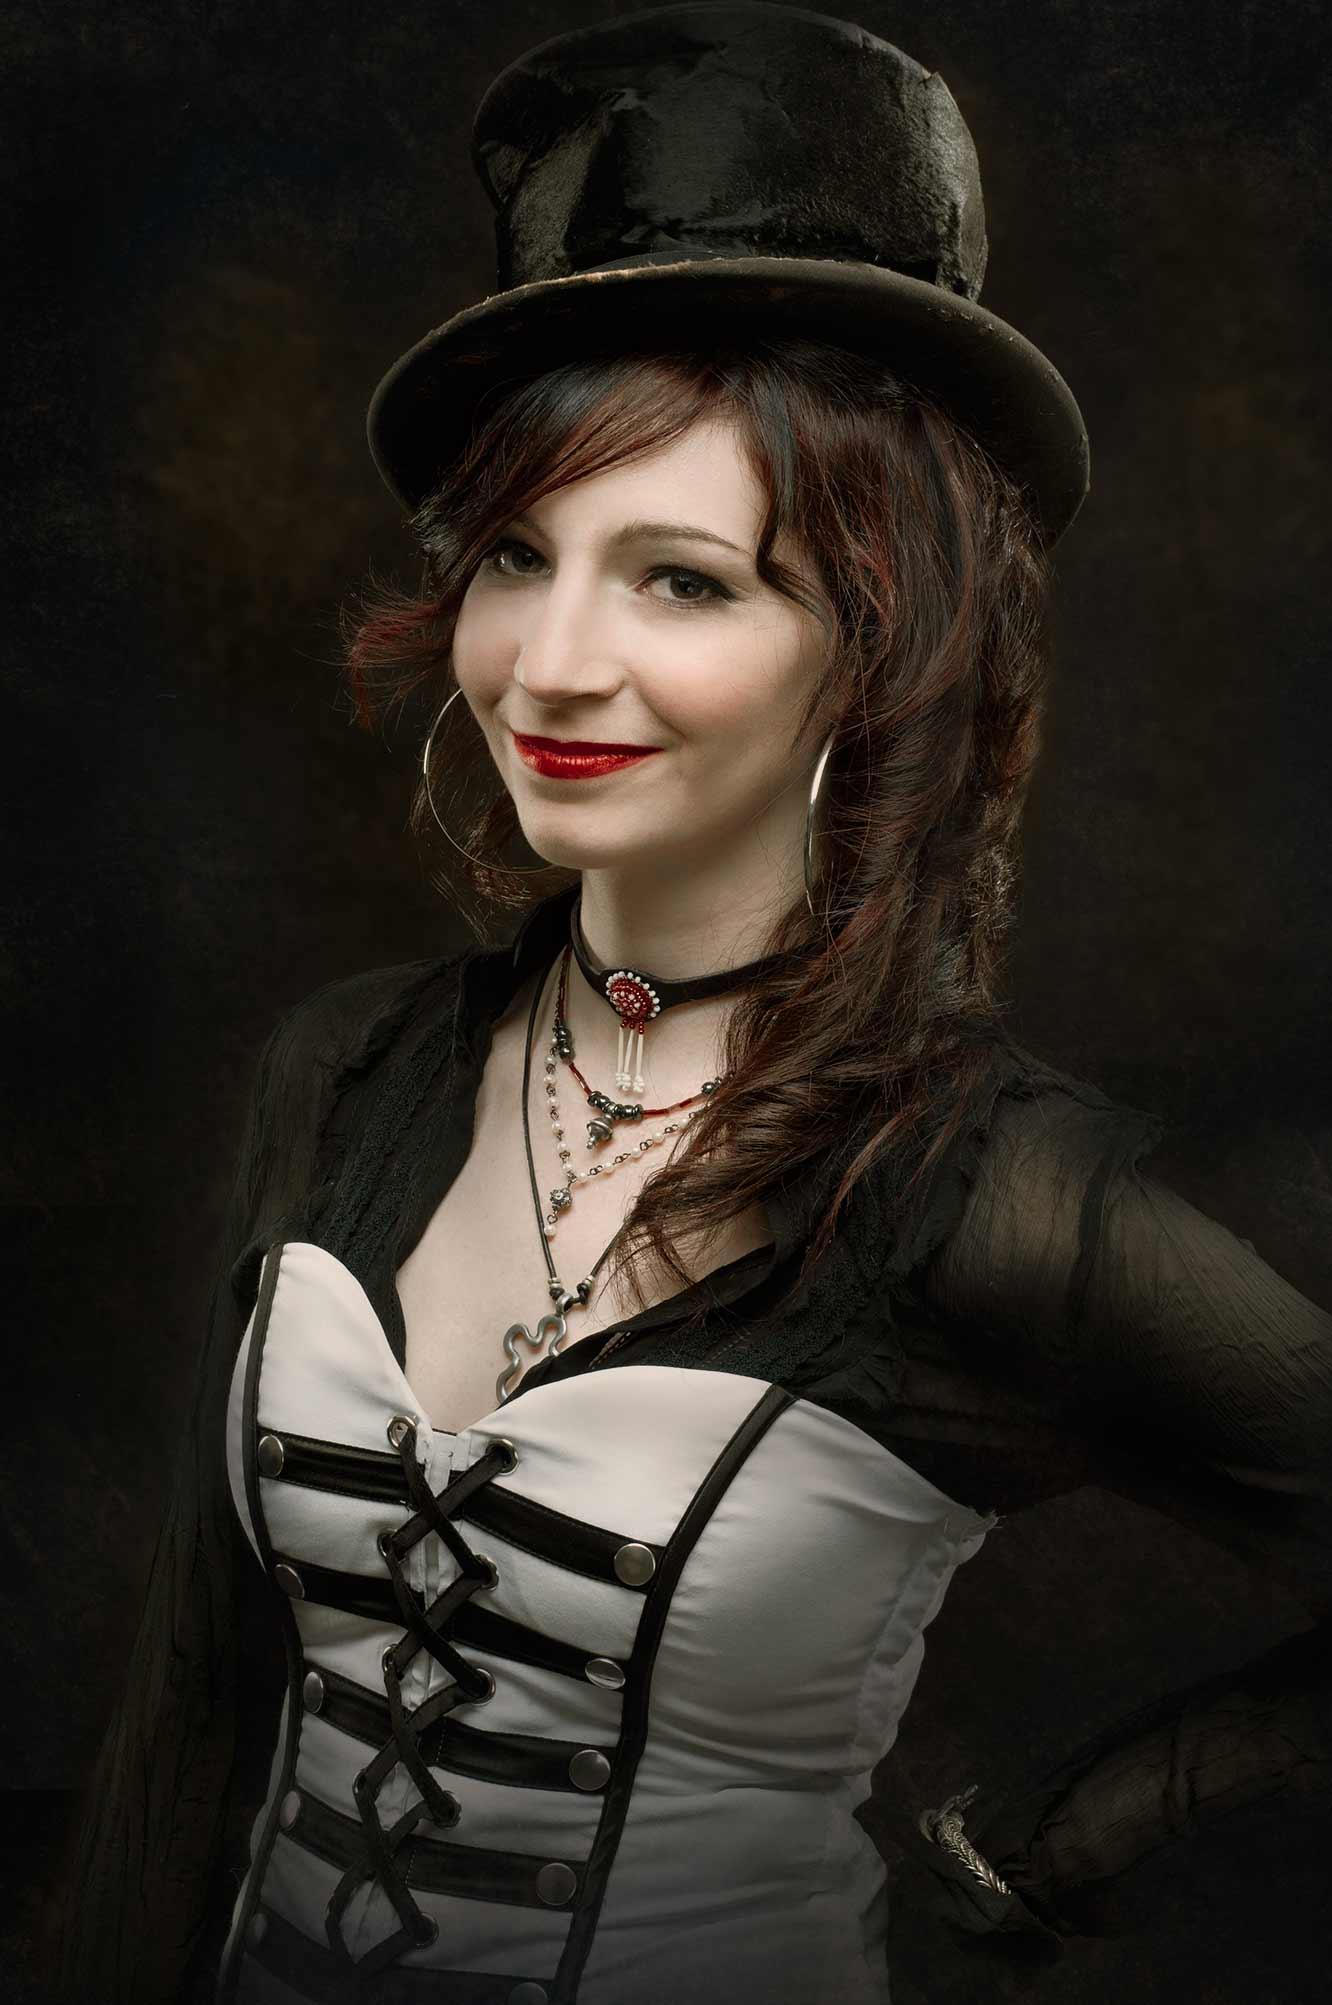 Photo studio d'une femme dans le style Steampunk / Portrait de création thématique